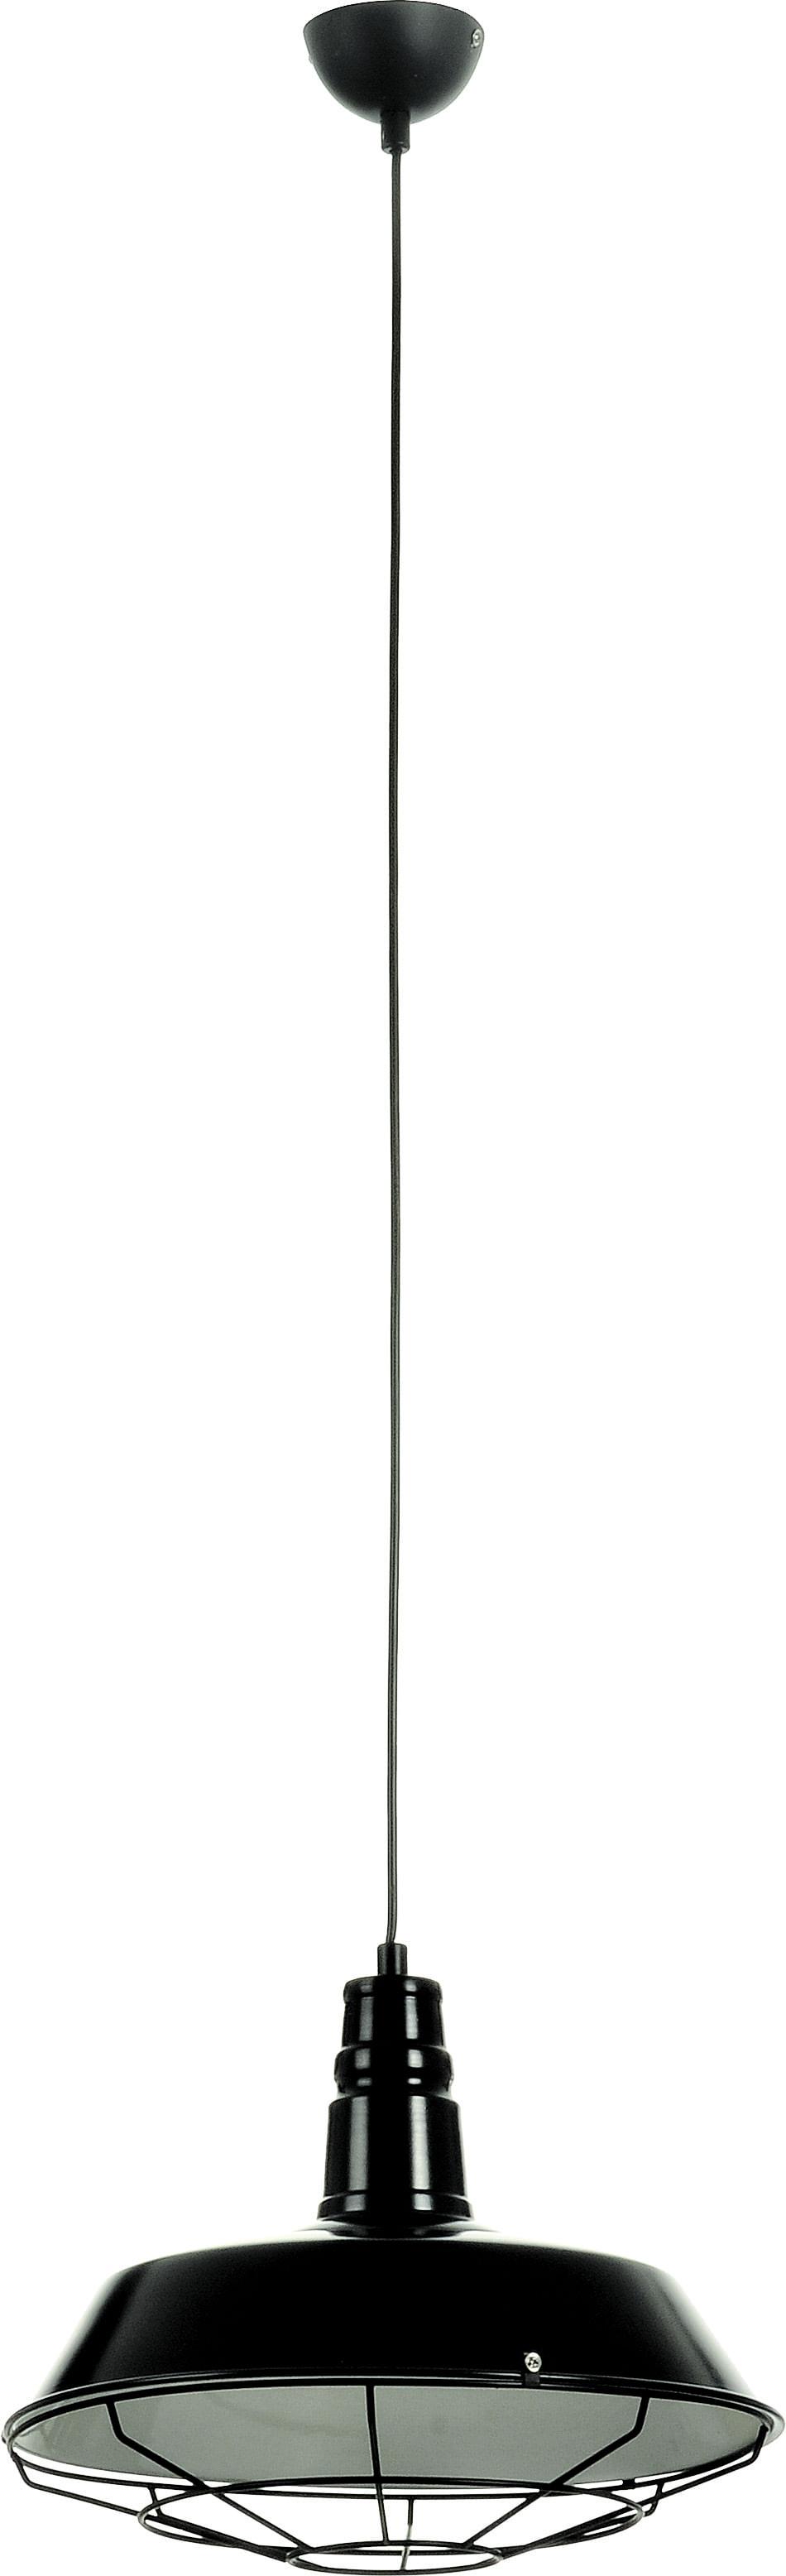 Lampa Wisząca Industrialna Lofti Czarna 60W